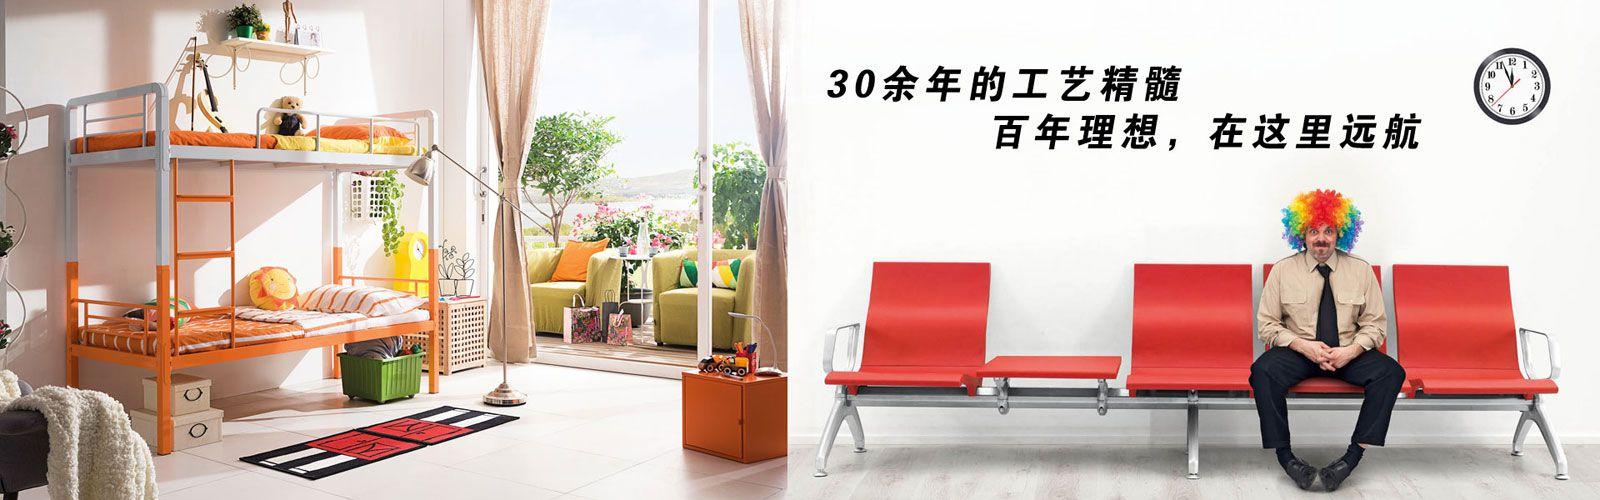 广东恒发绅徕仕排椅铁床厂家